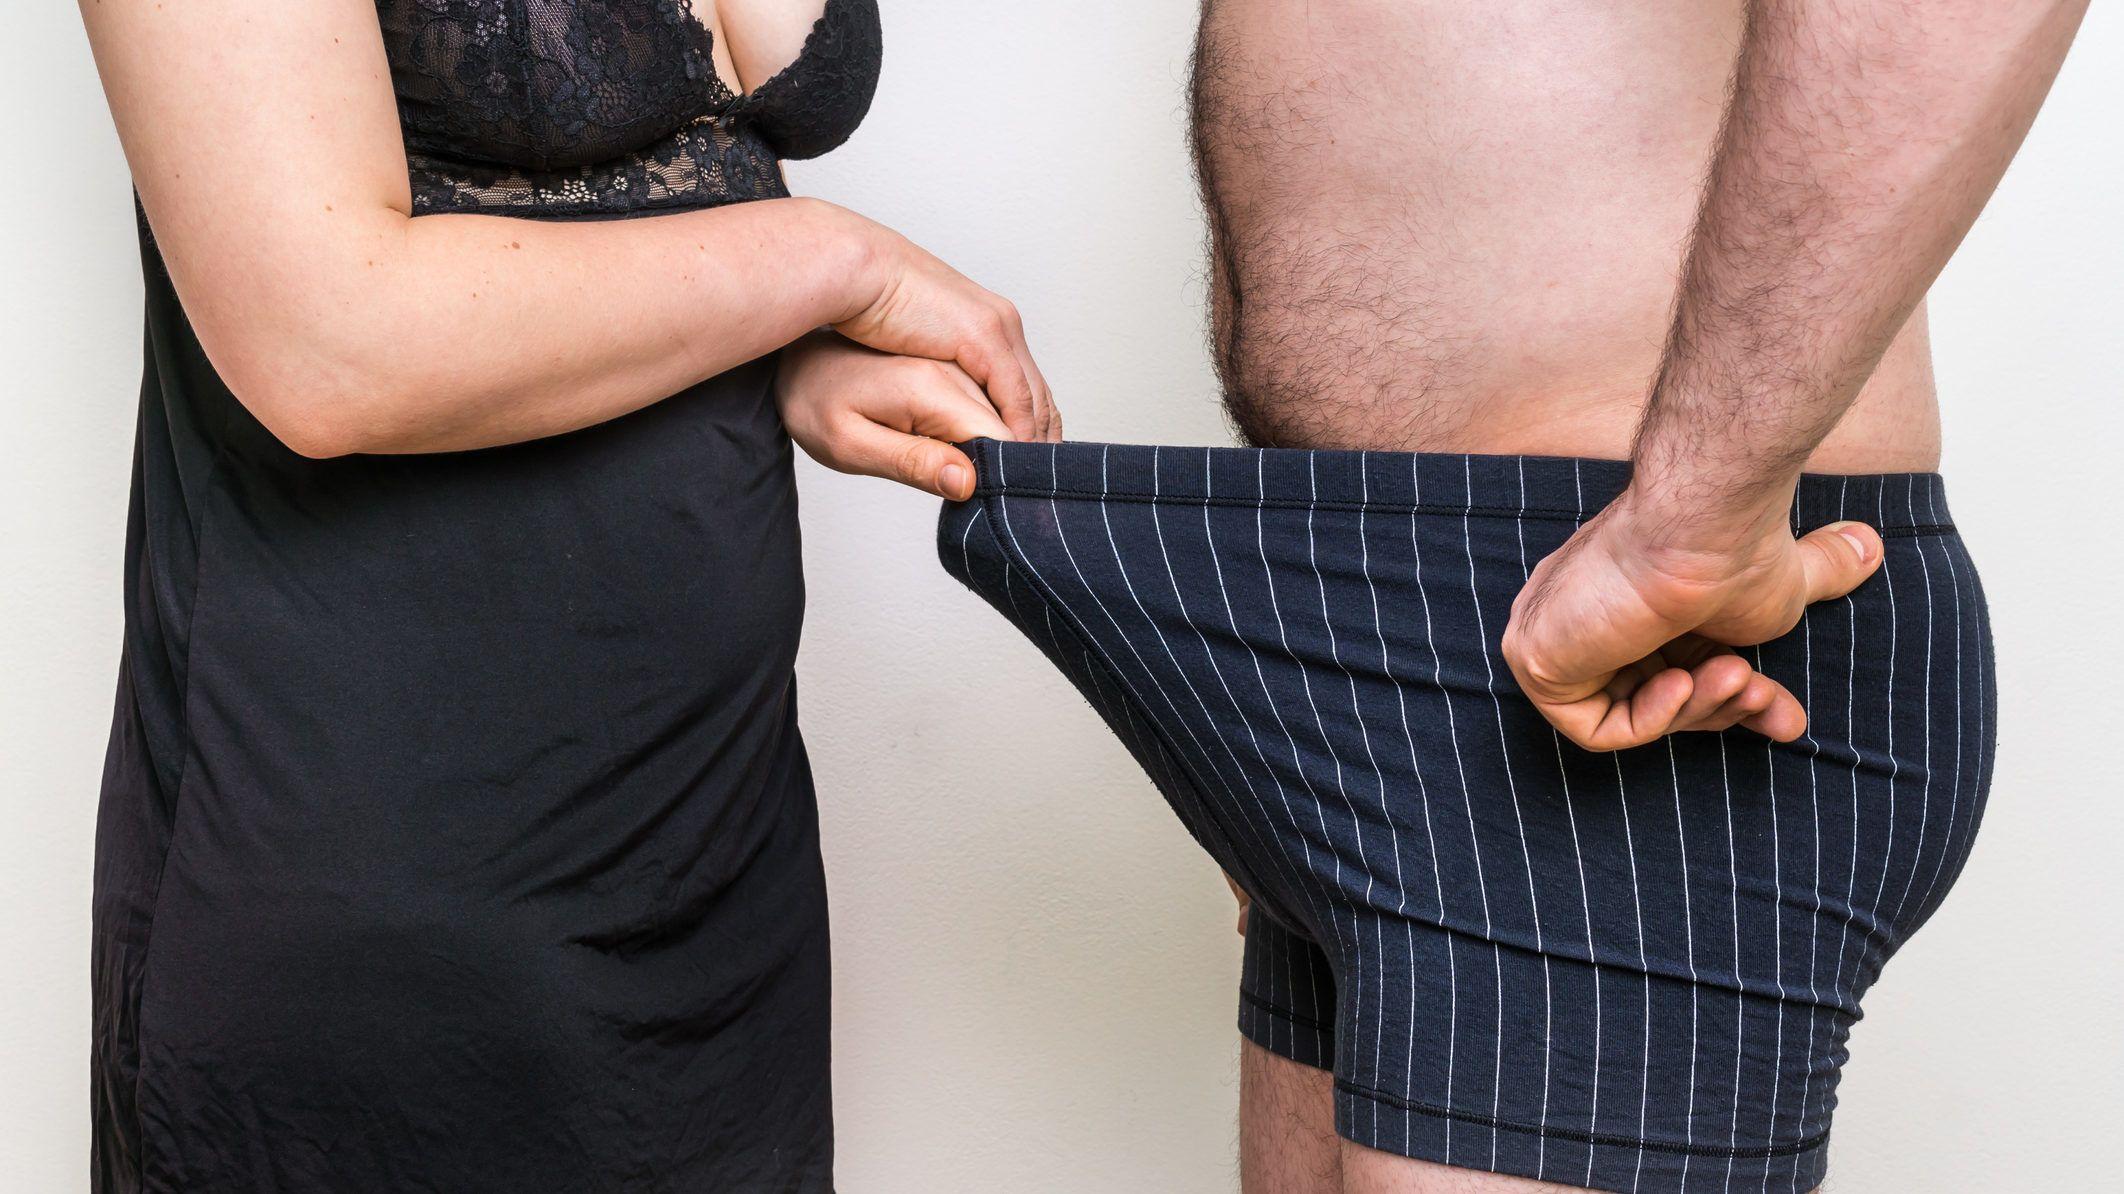 normál méretű férfi hímvessző a dohányzásról való leszokás javult